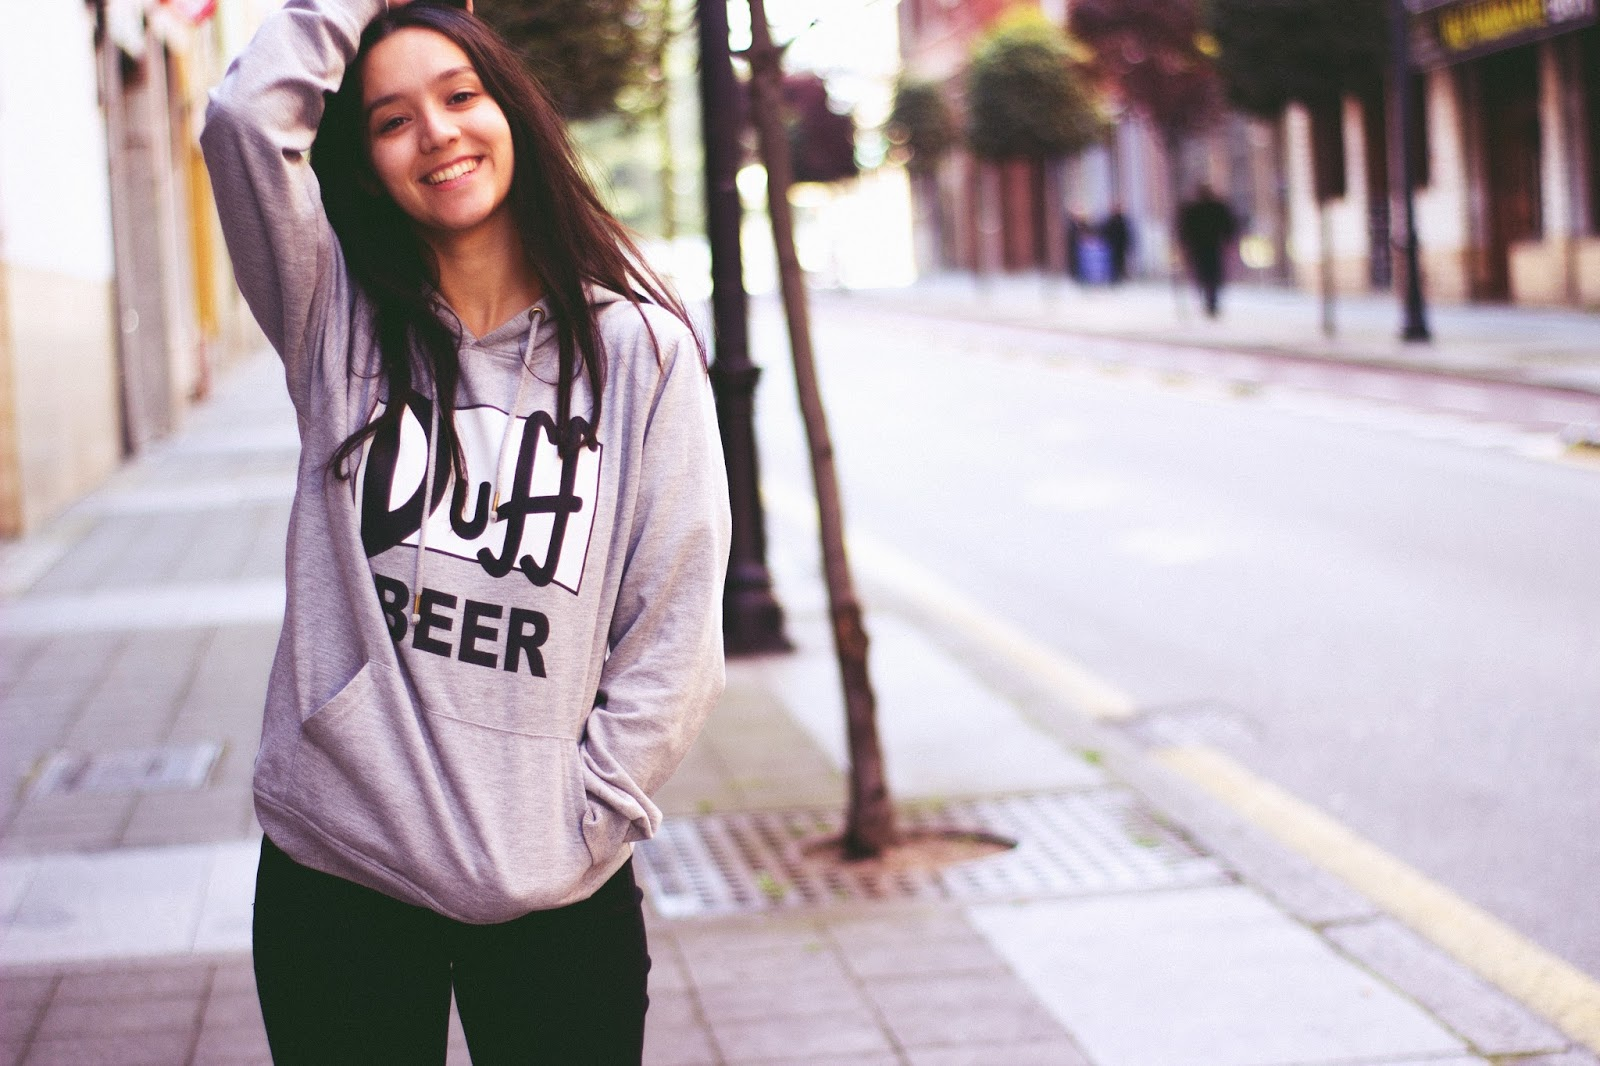 duff beer hoodie 2017